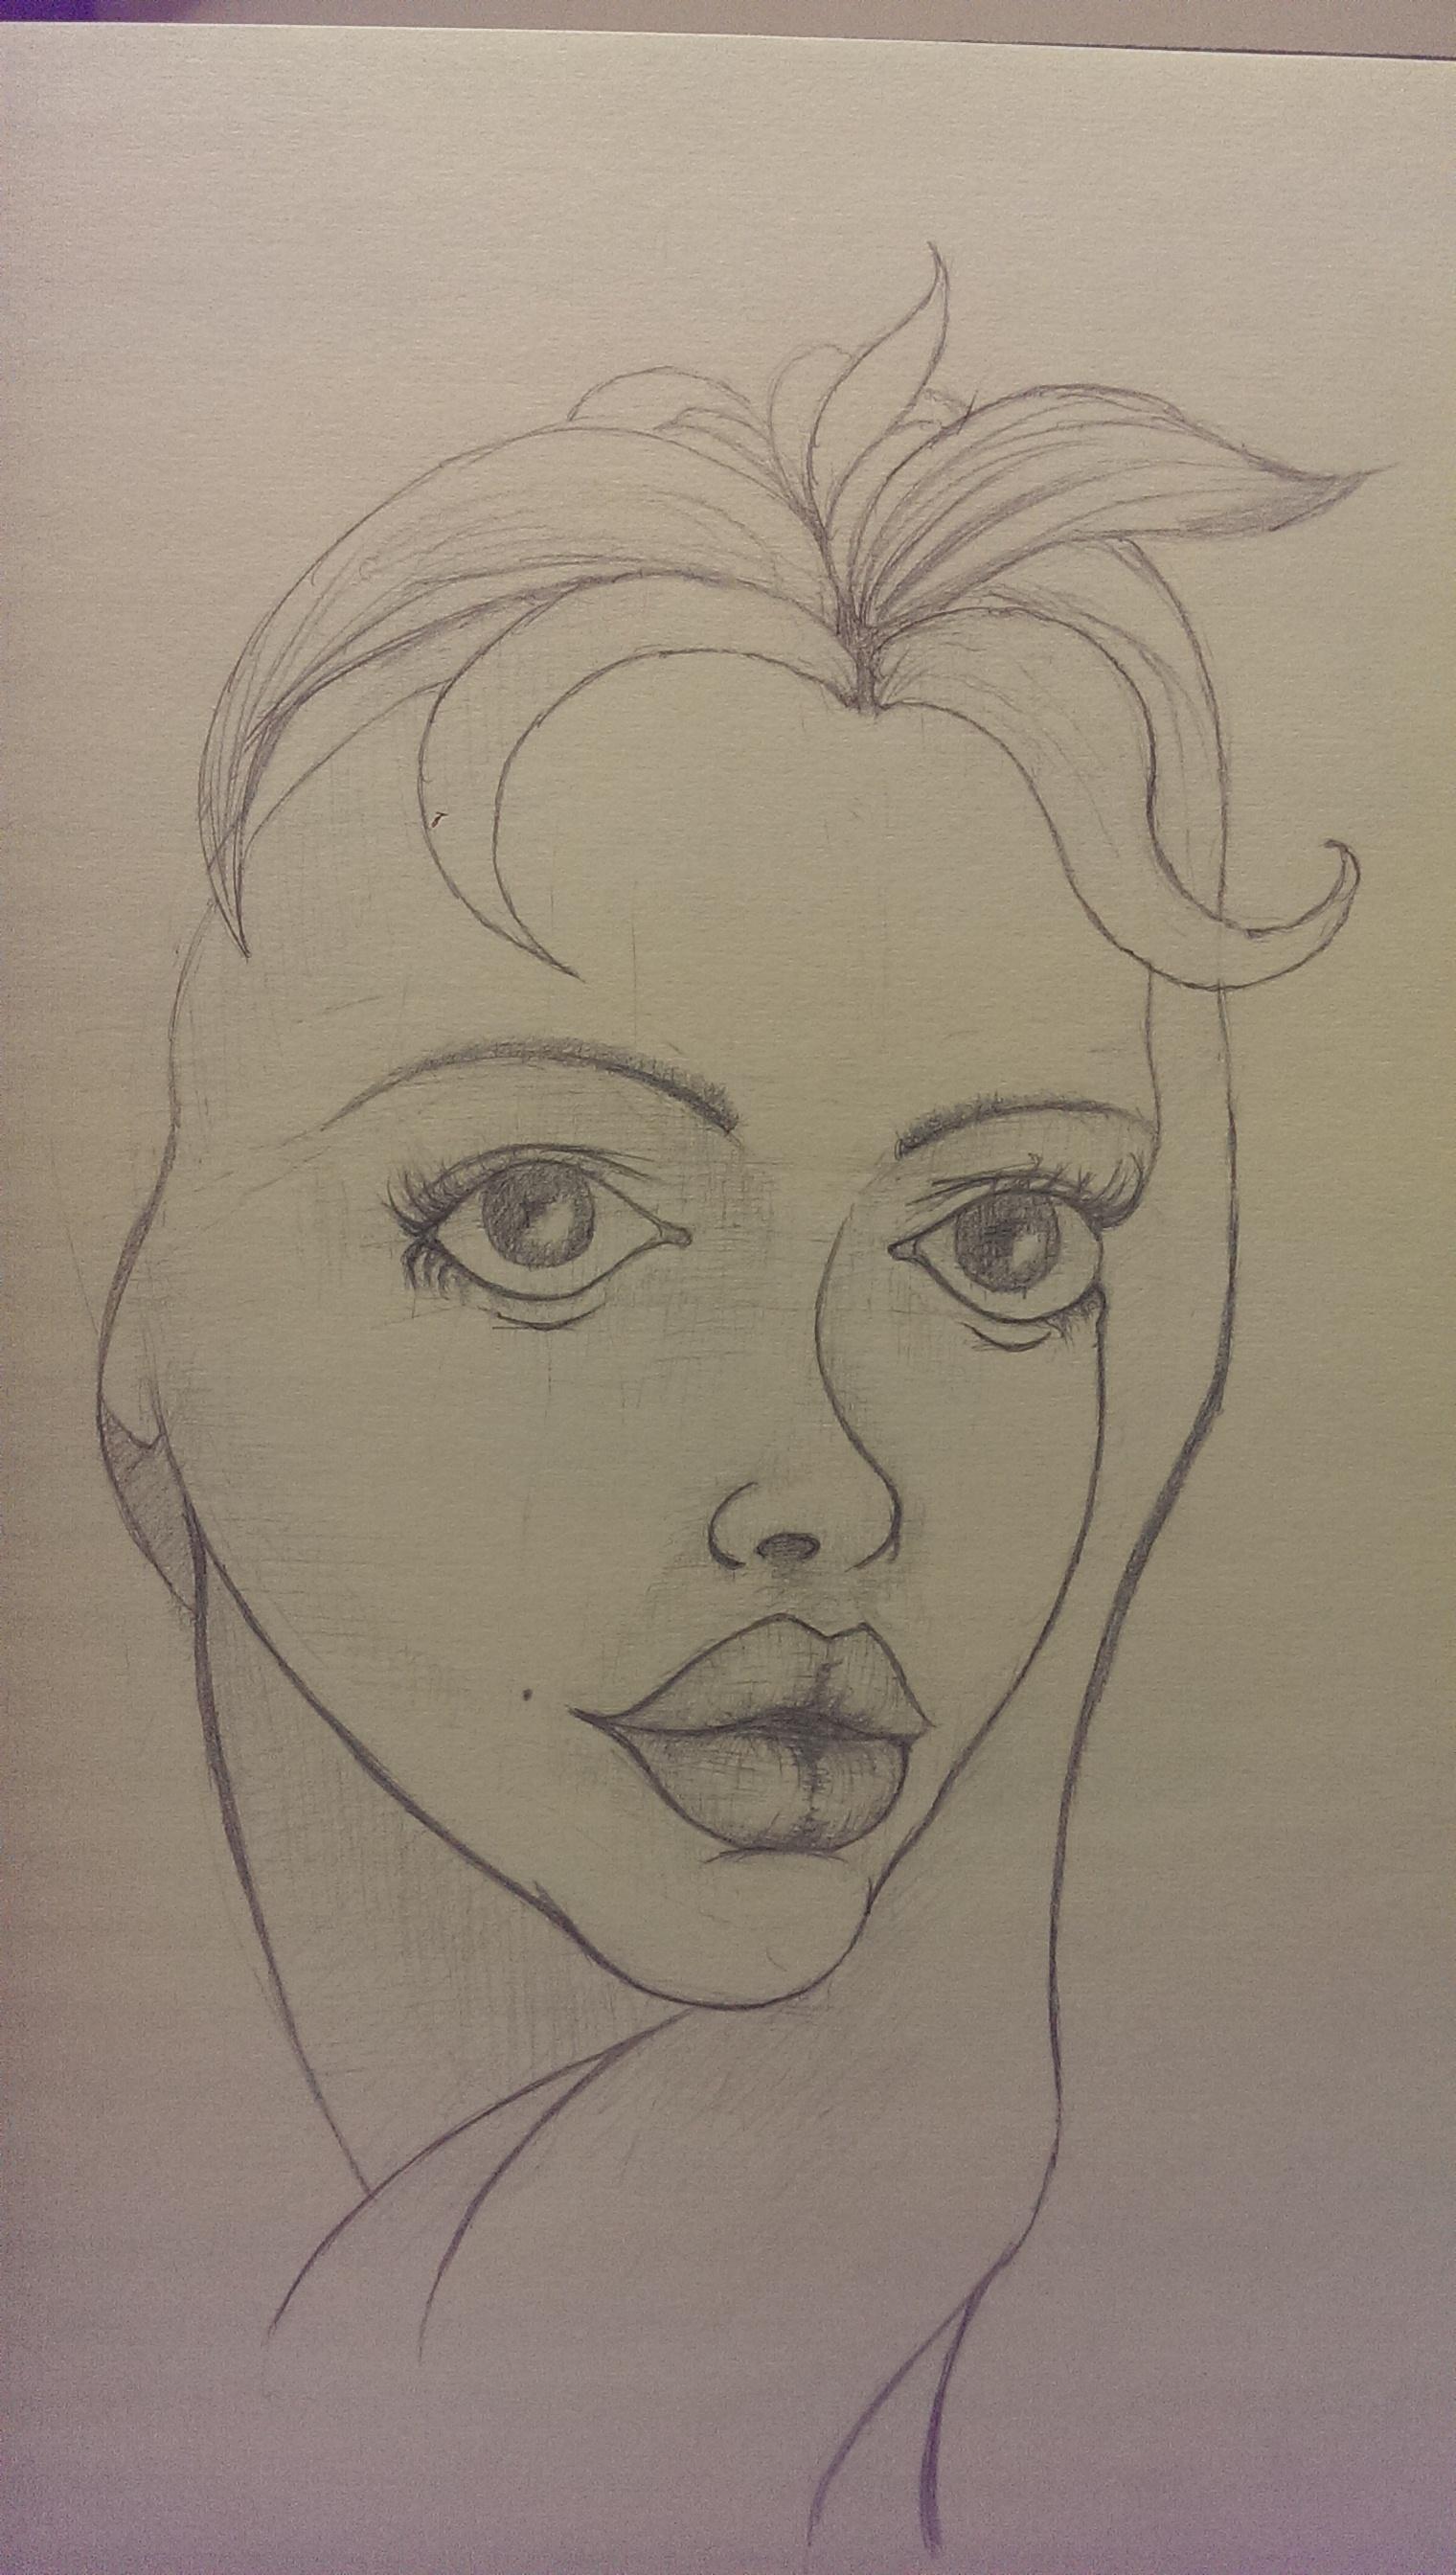 Cute Girl Sketch by afaq125